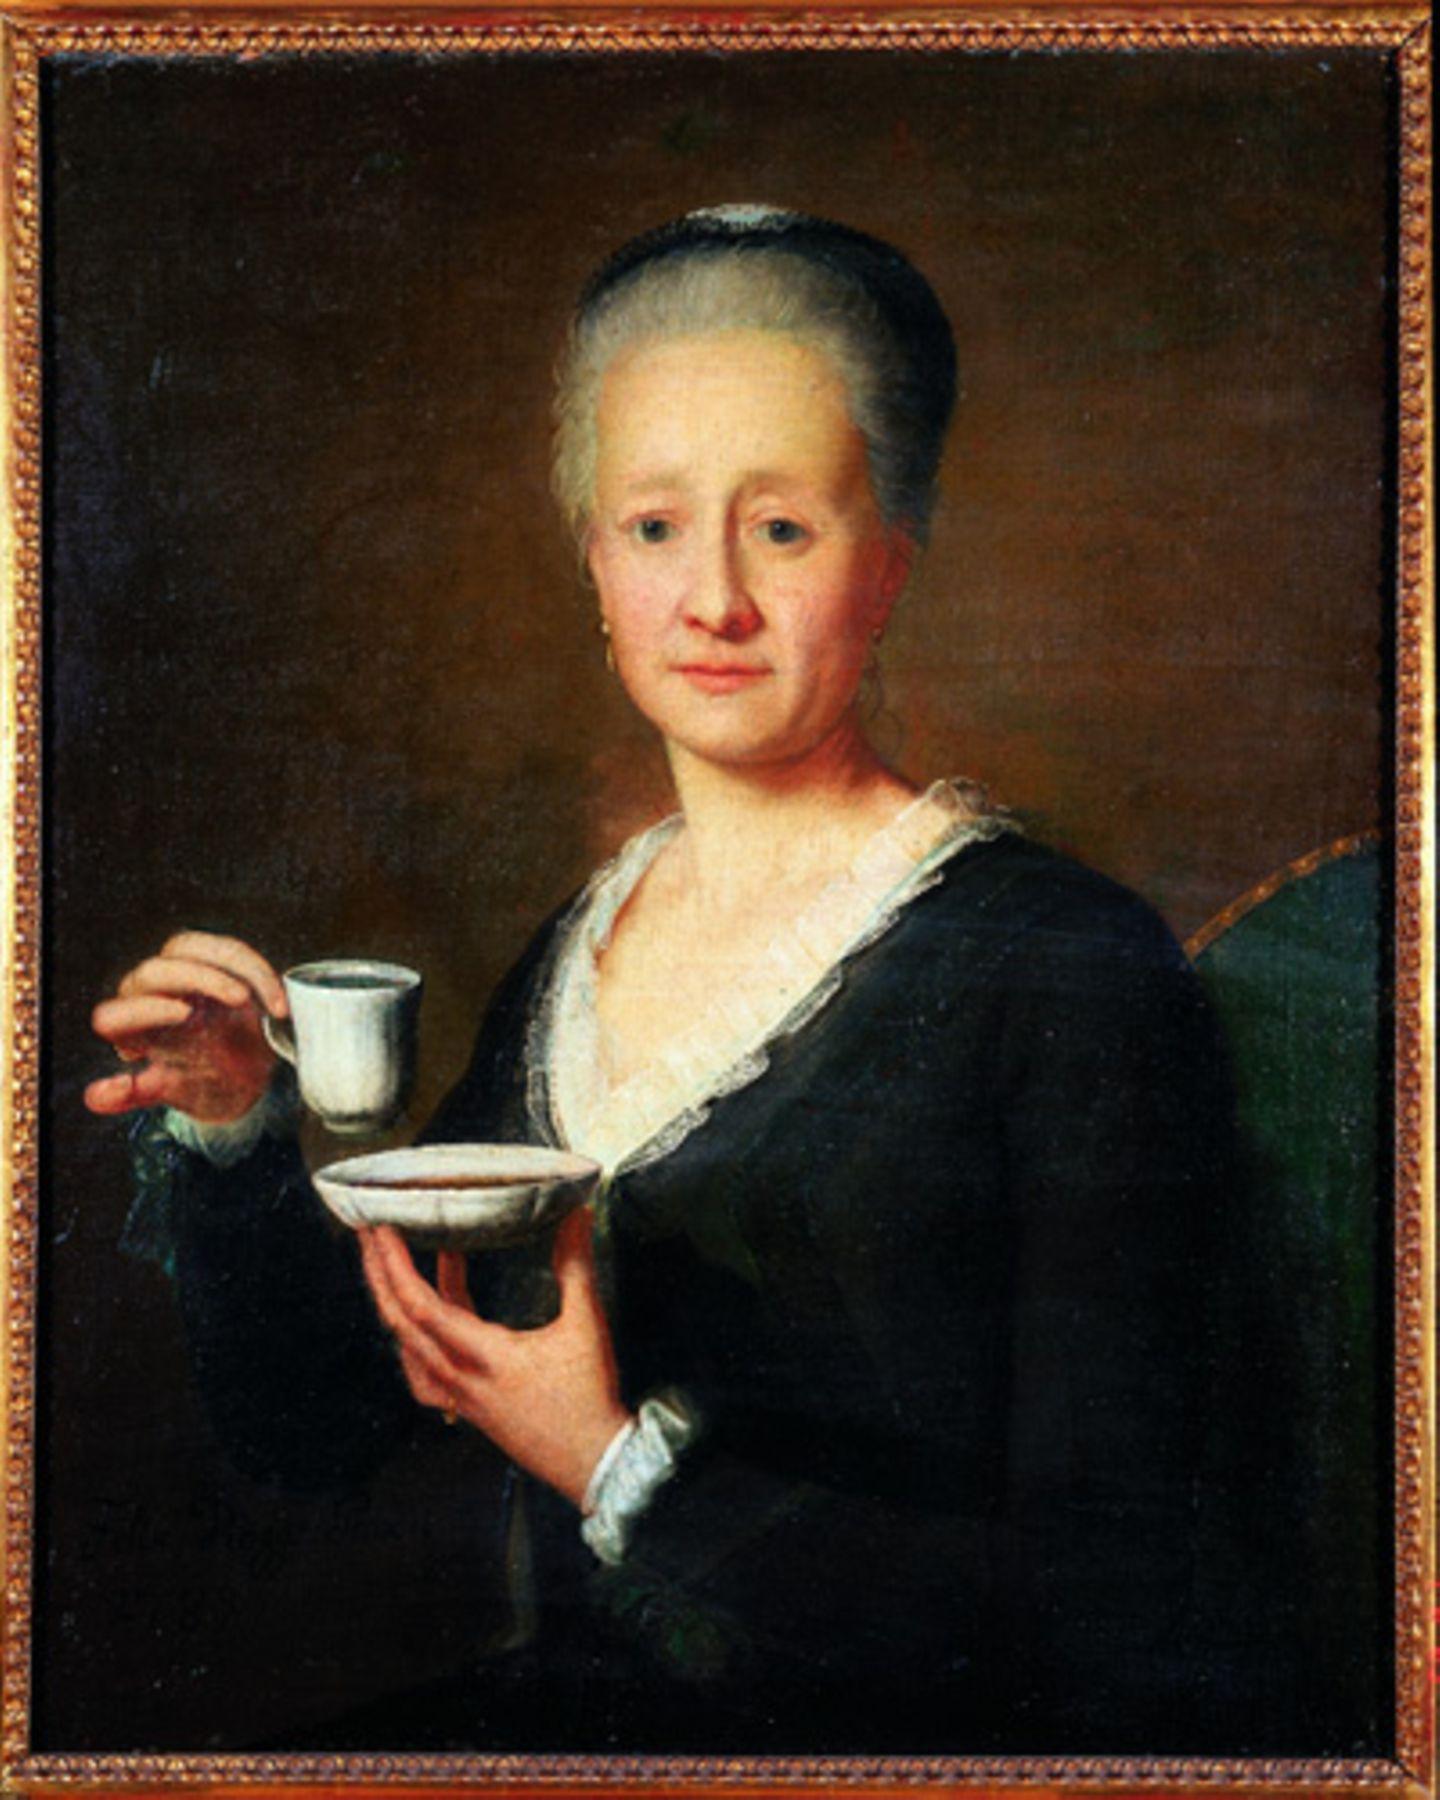 Lange Zeit war es in den oberen Kreisen üblich, das Luxusgetränk Kaffee zur Abkühlung in die Untertasse zu gießen - hier mit einem formvollendeten Abspreizen des kleinen Fingers zu bewundern.